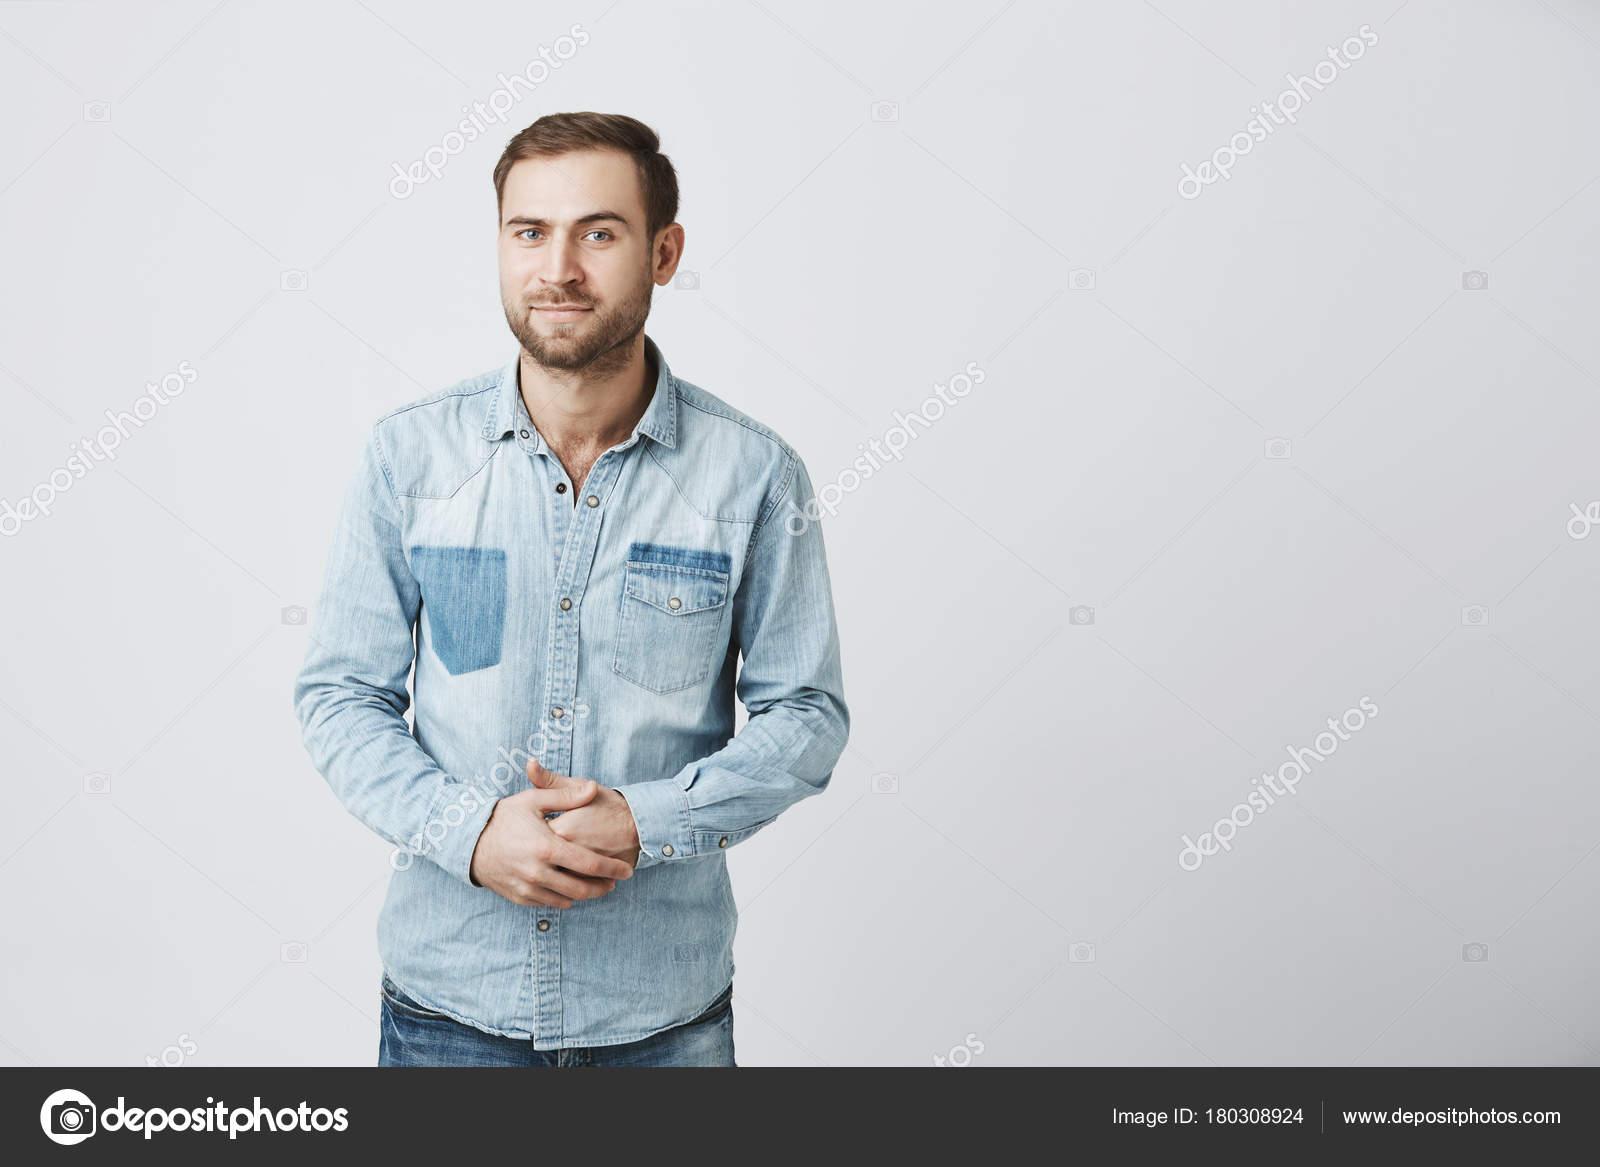 Как сделать выбор мужчины фото 289